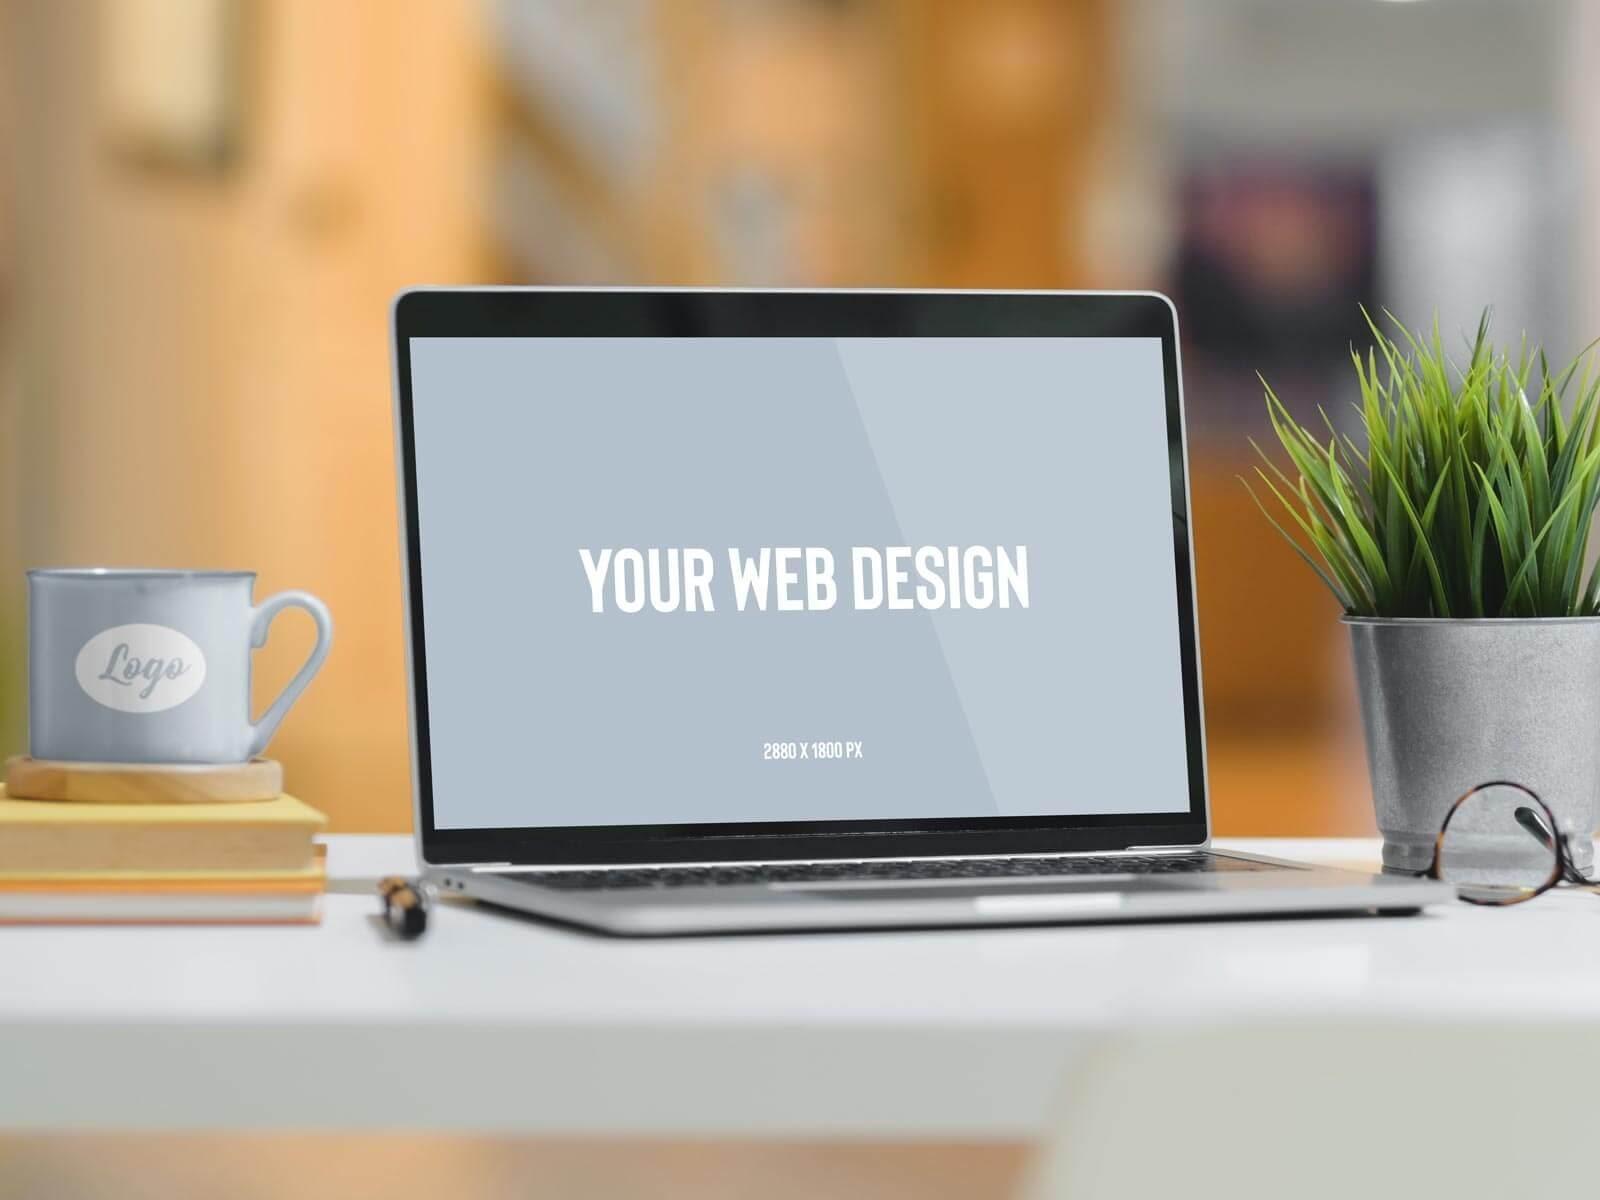 Vai trò của website đối với doanh nghiệp là như thế nào?